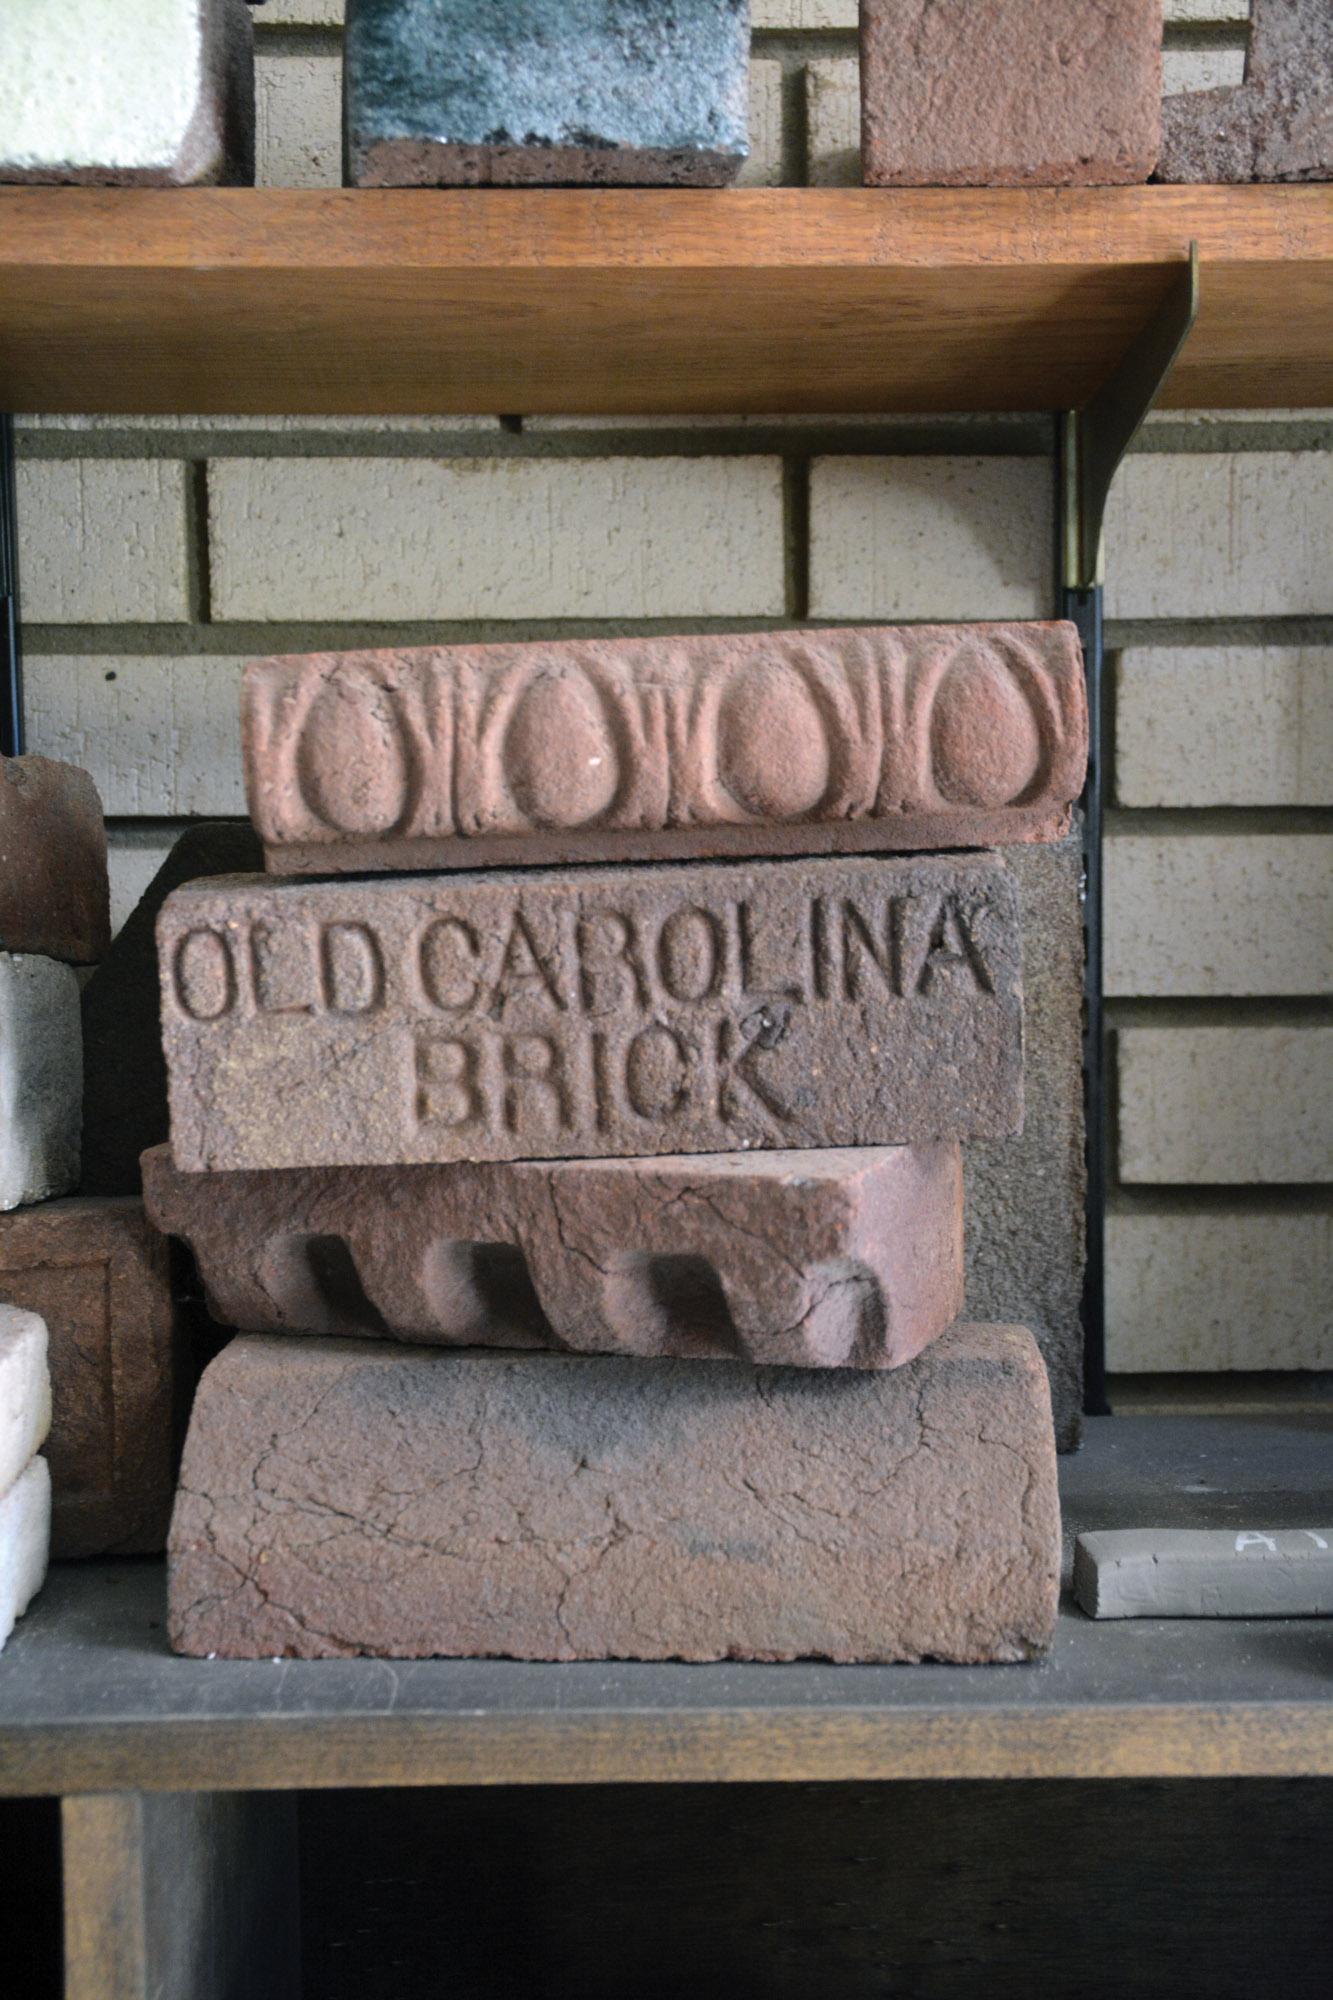 Old Carolina Brick